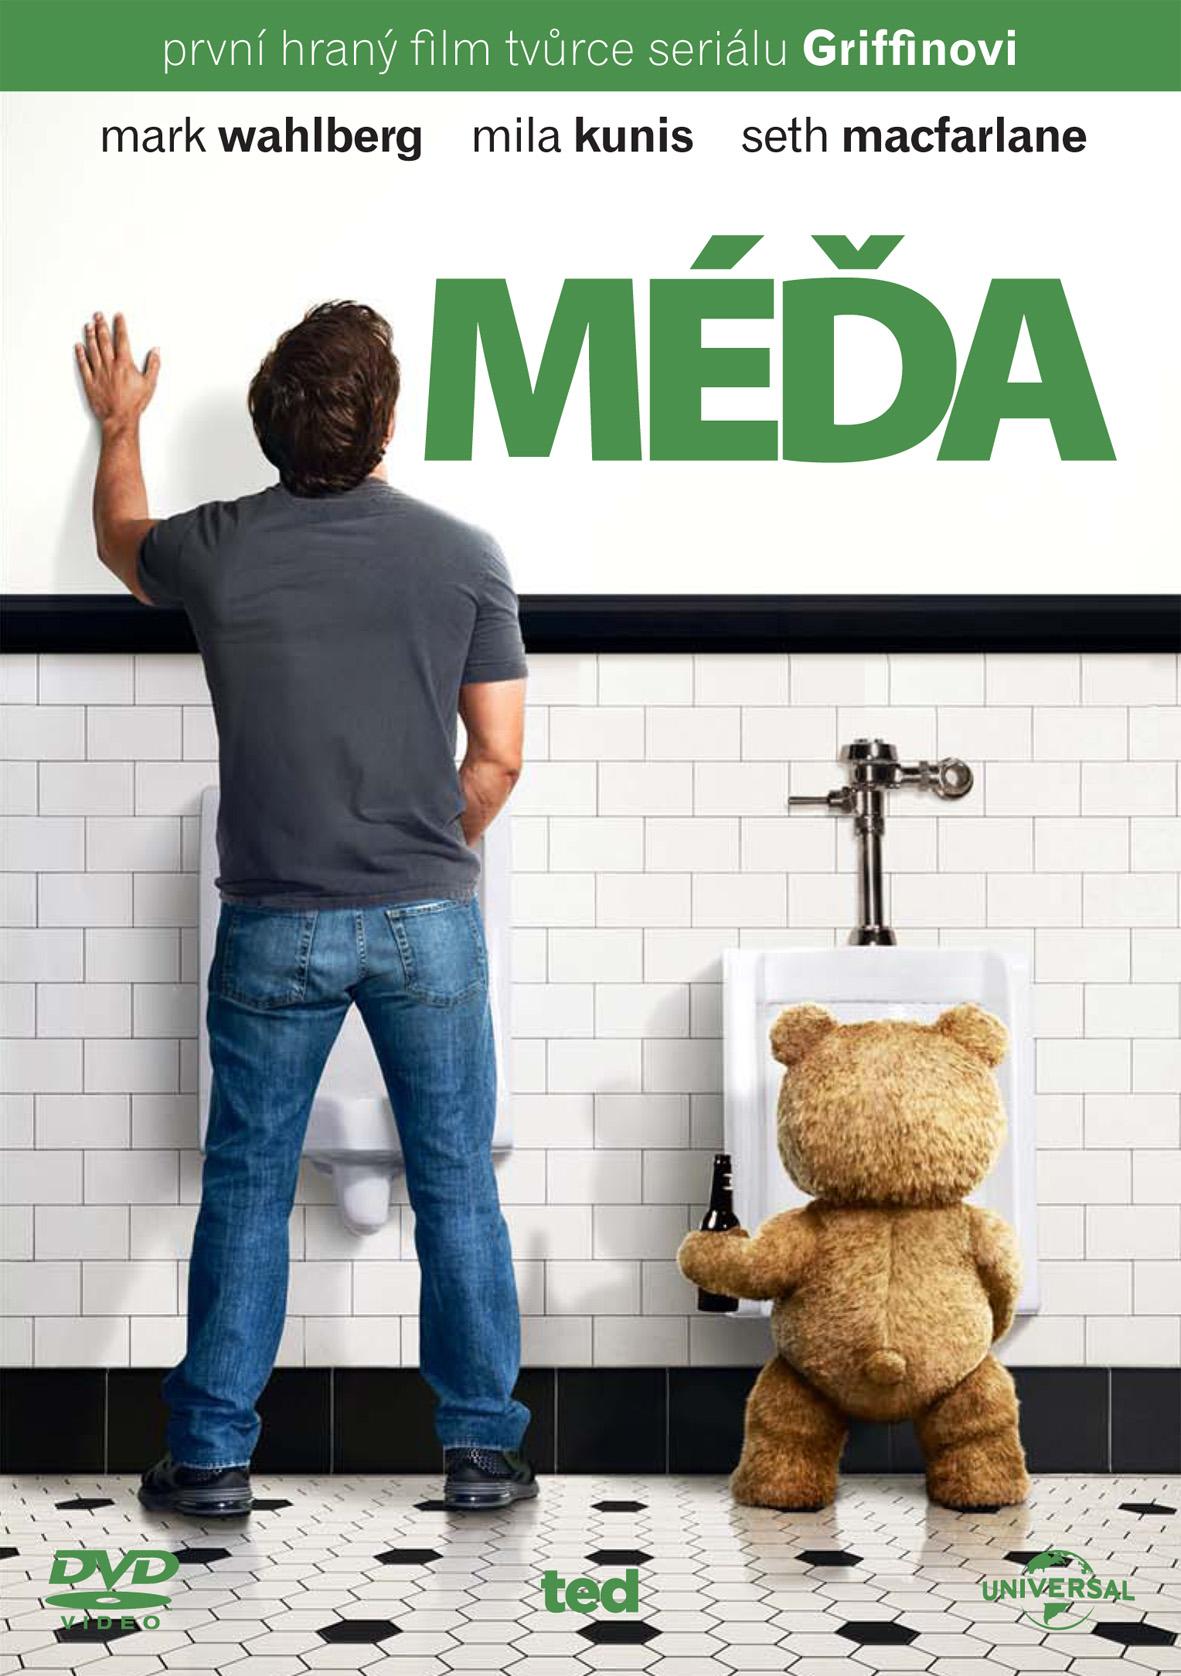 Meda_DVD.indd